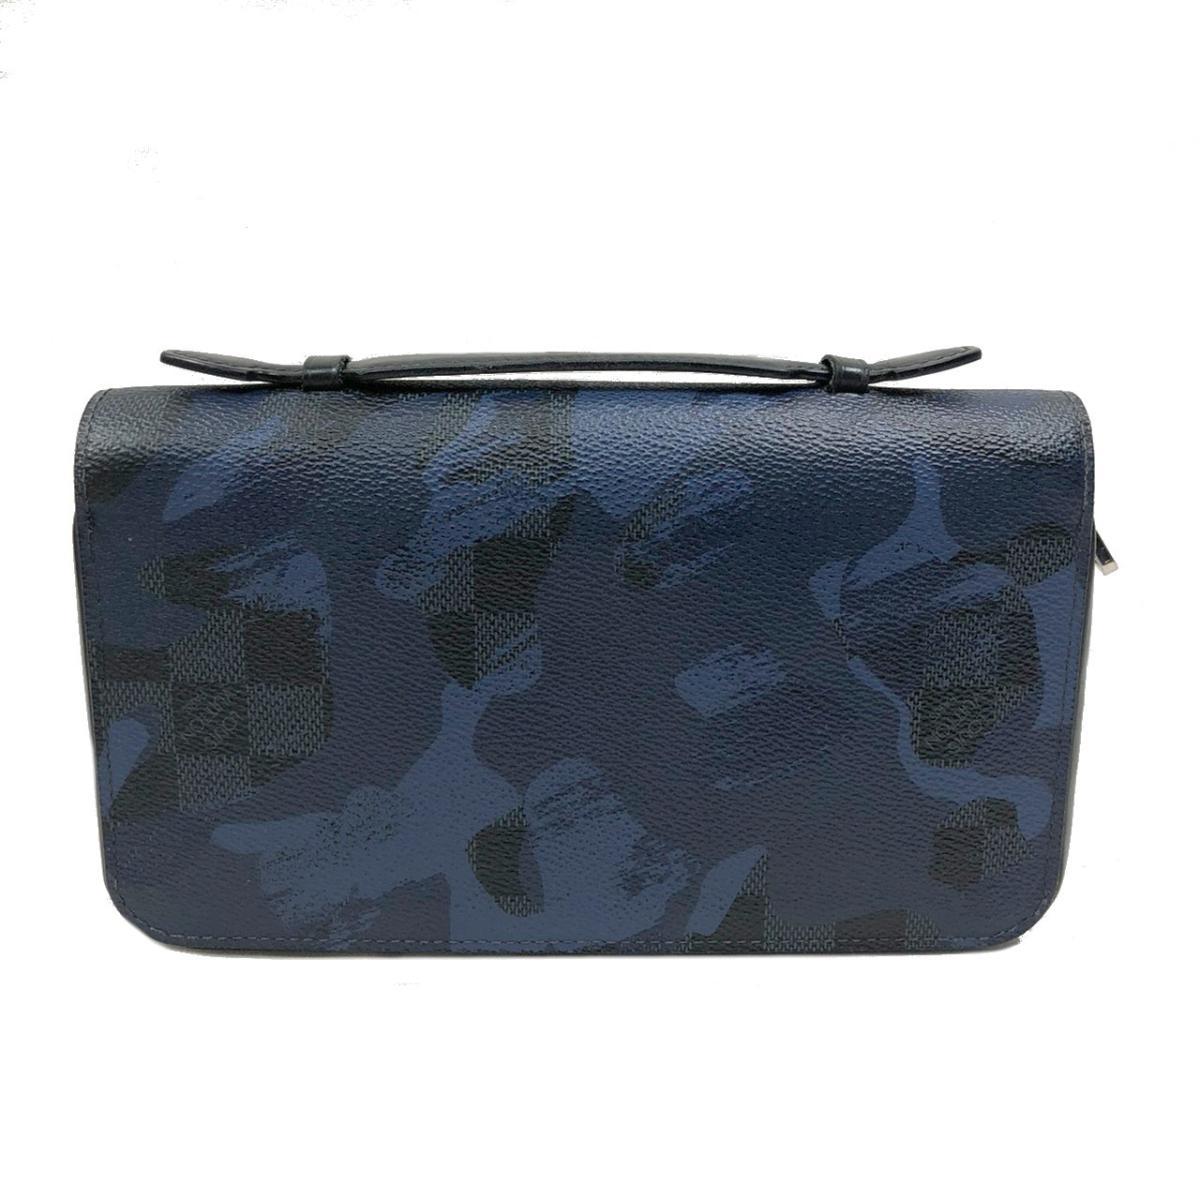 【中古】ルイヴィトン ジッピー XL ラウンド長財布  財布 メンズ ダミエ・コバルト カモフラージュ ネイビー×ブルー (N63287)